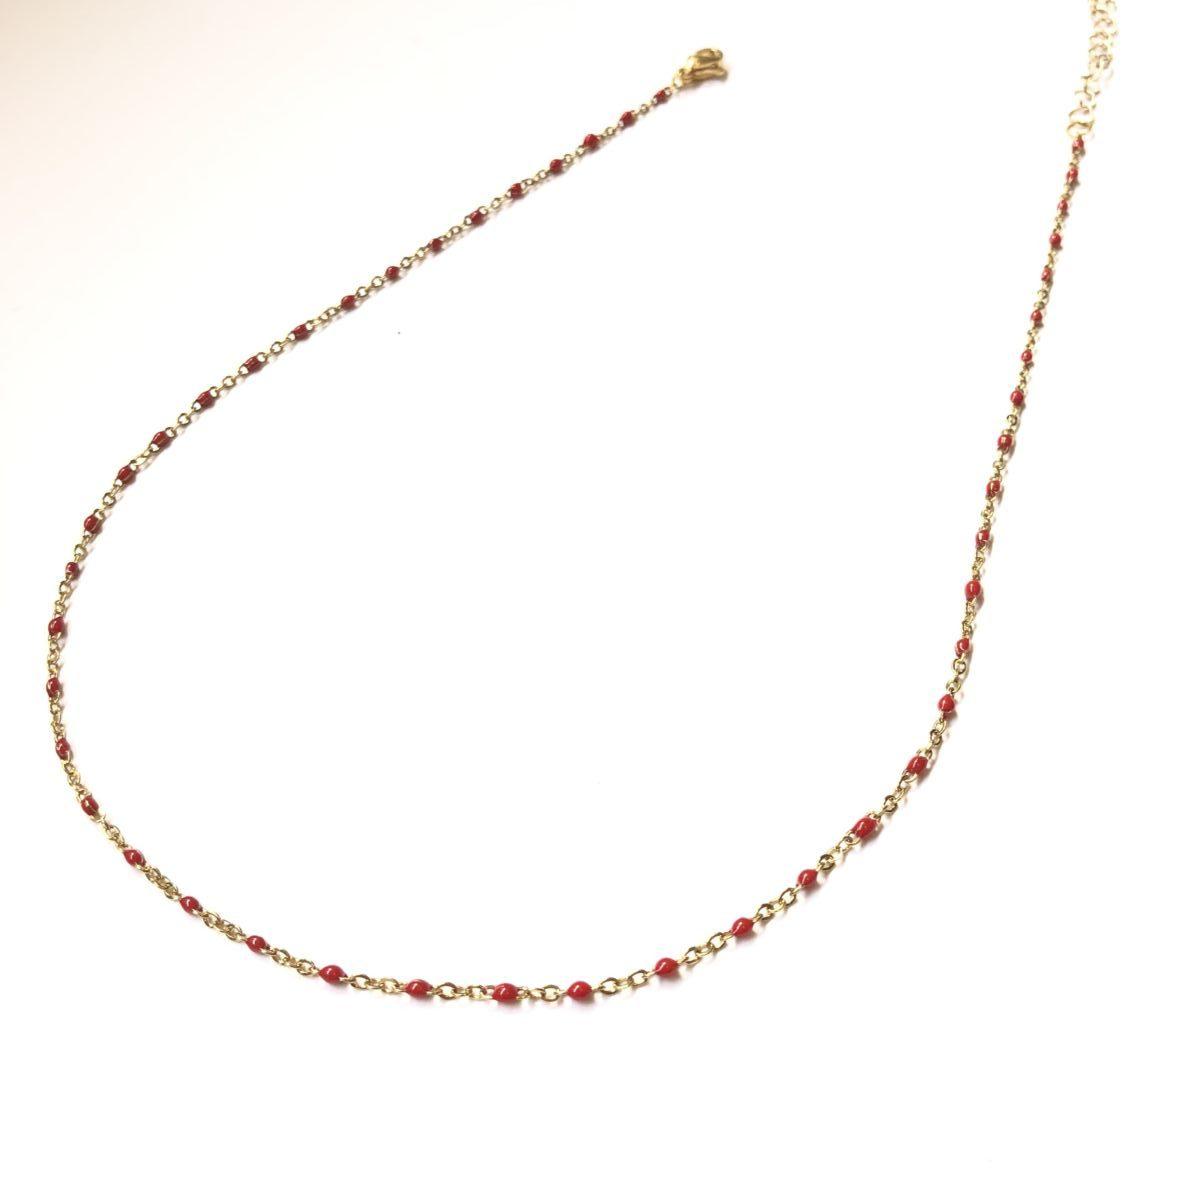 collier chaine dorée mini perles rouges by destele